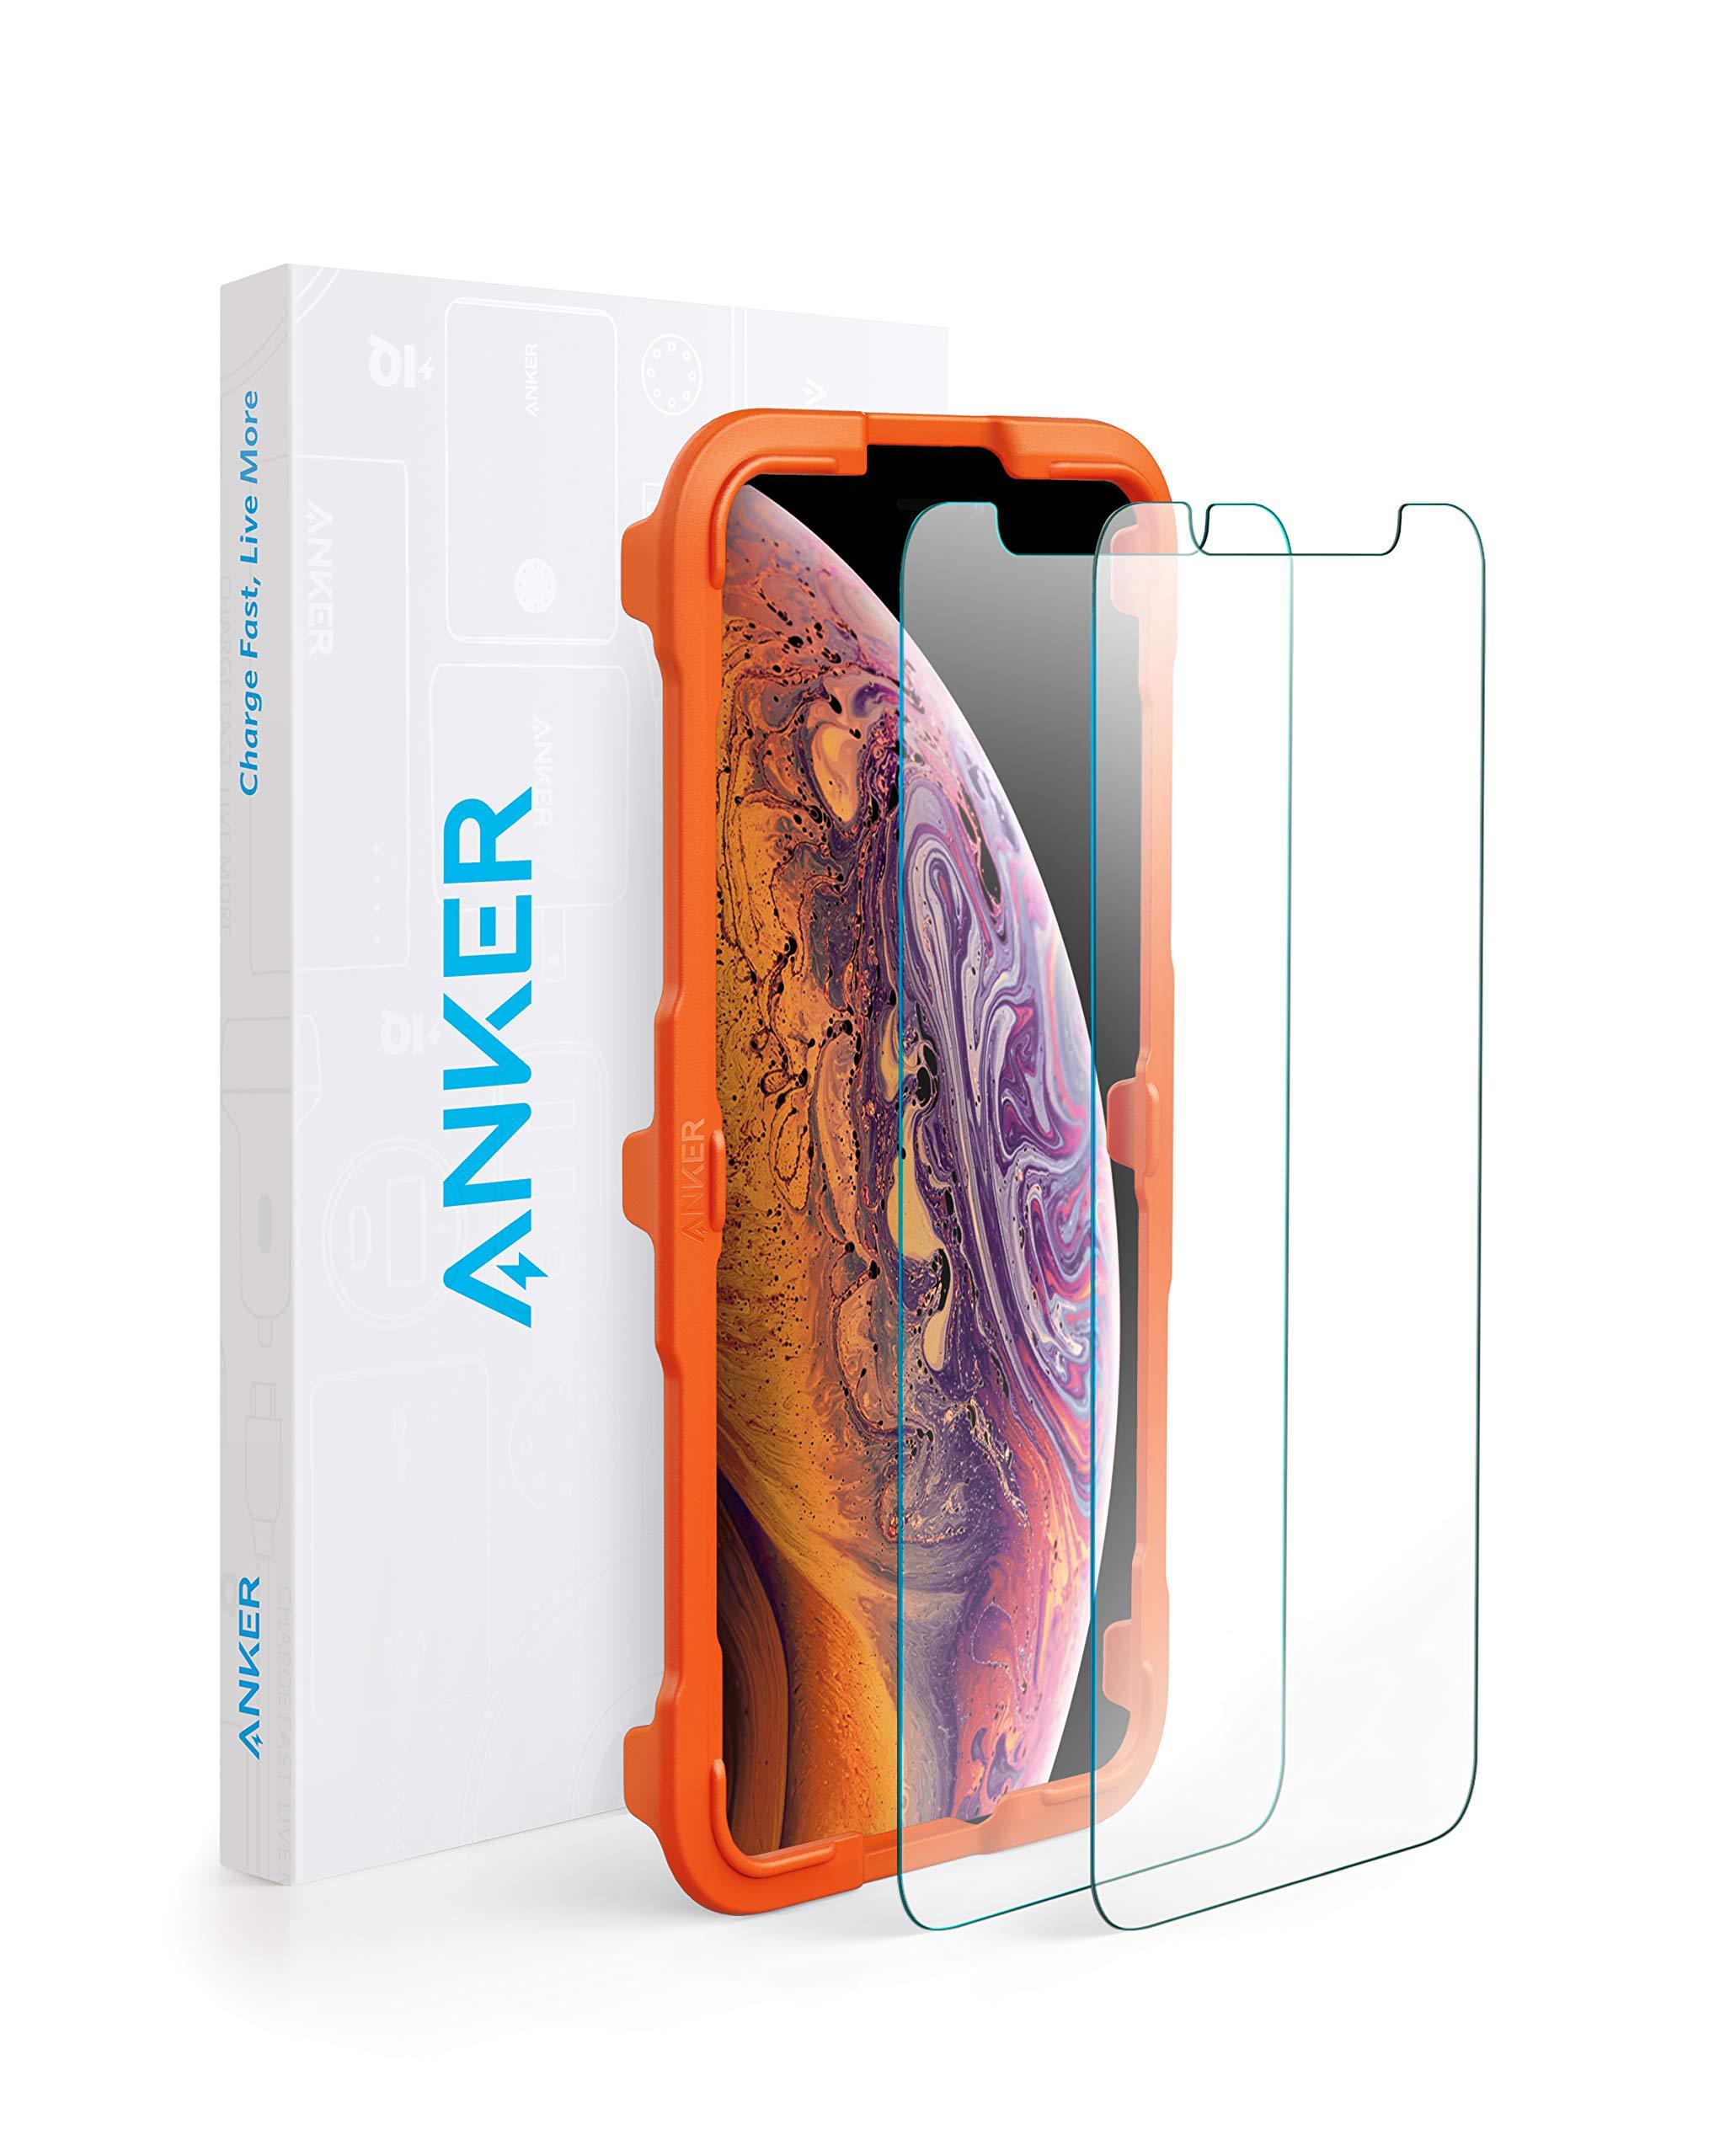 【2枚セット / 専用フレーム付属】Anker GlassGuard iPhone XS Max用 強化ガラス液晶保護フィルム 【3D Touch対応 / 硬度9H / 簡単貼付】